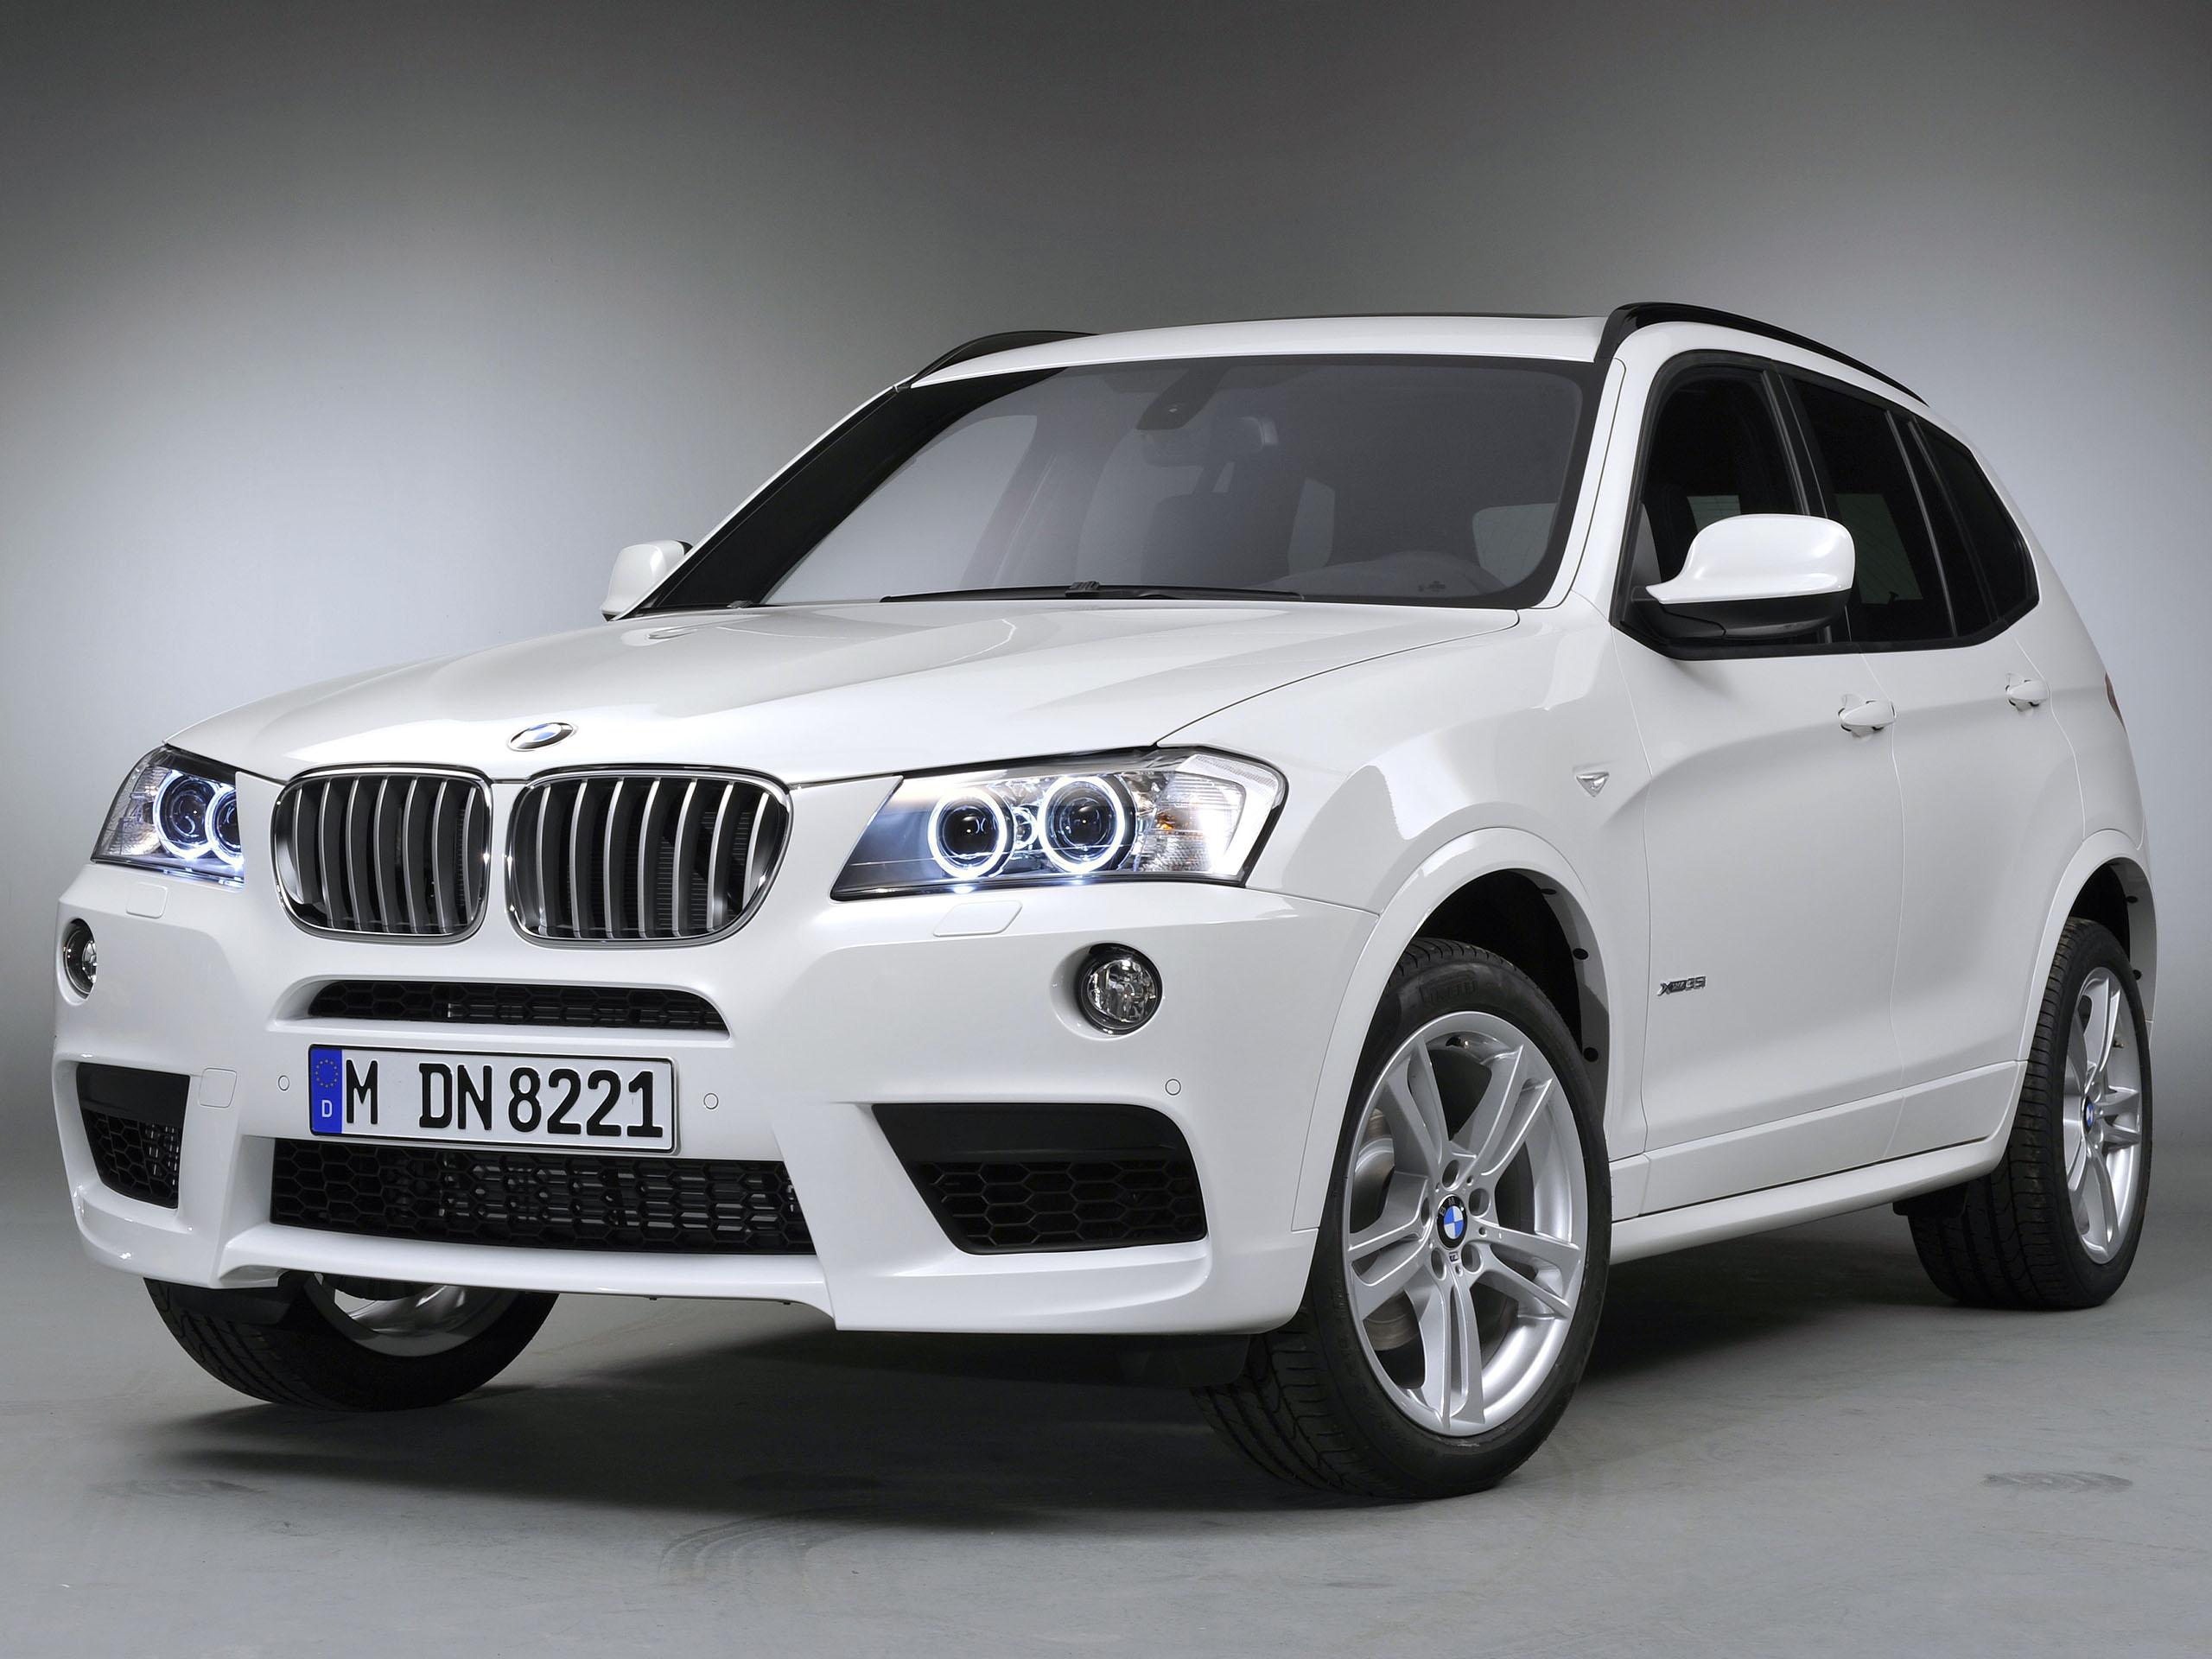 BMW X3 F25 Kaufberatung 2013 Alle Motoren Ausstattungen und